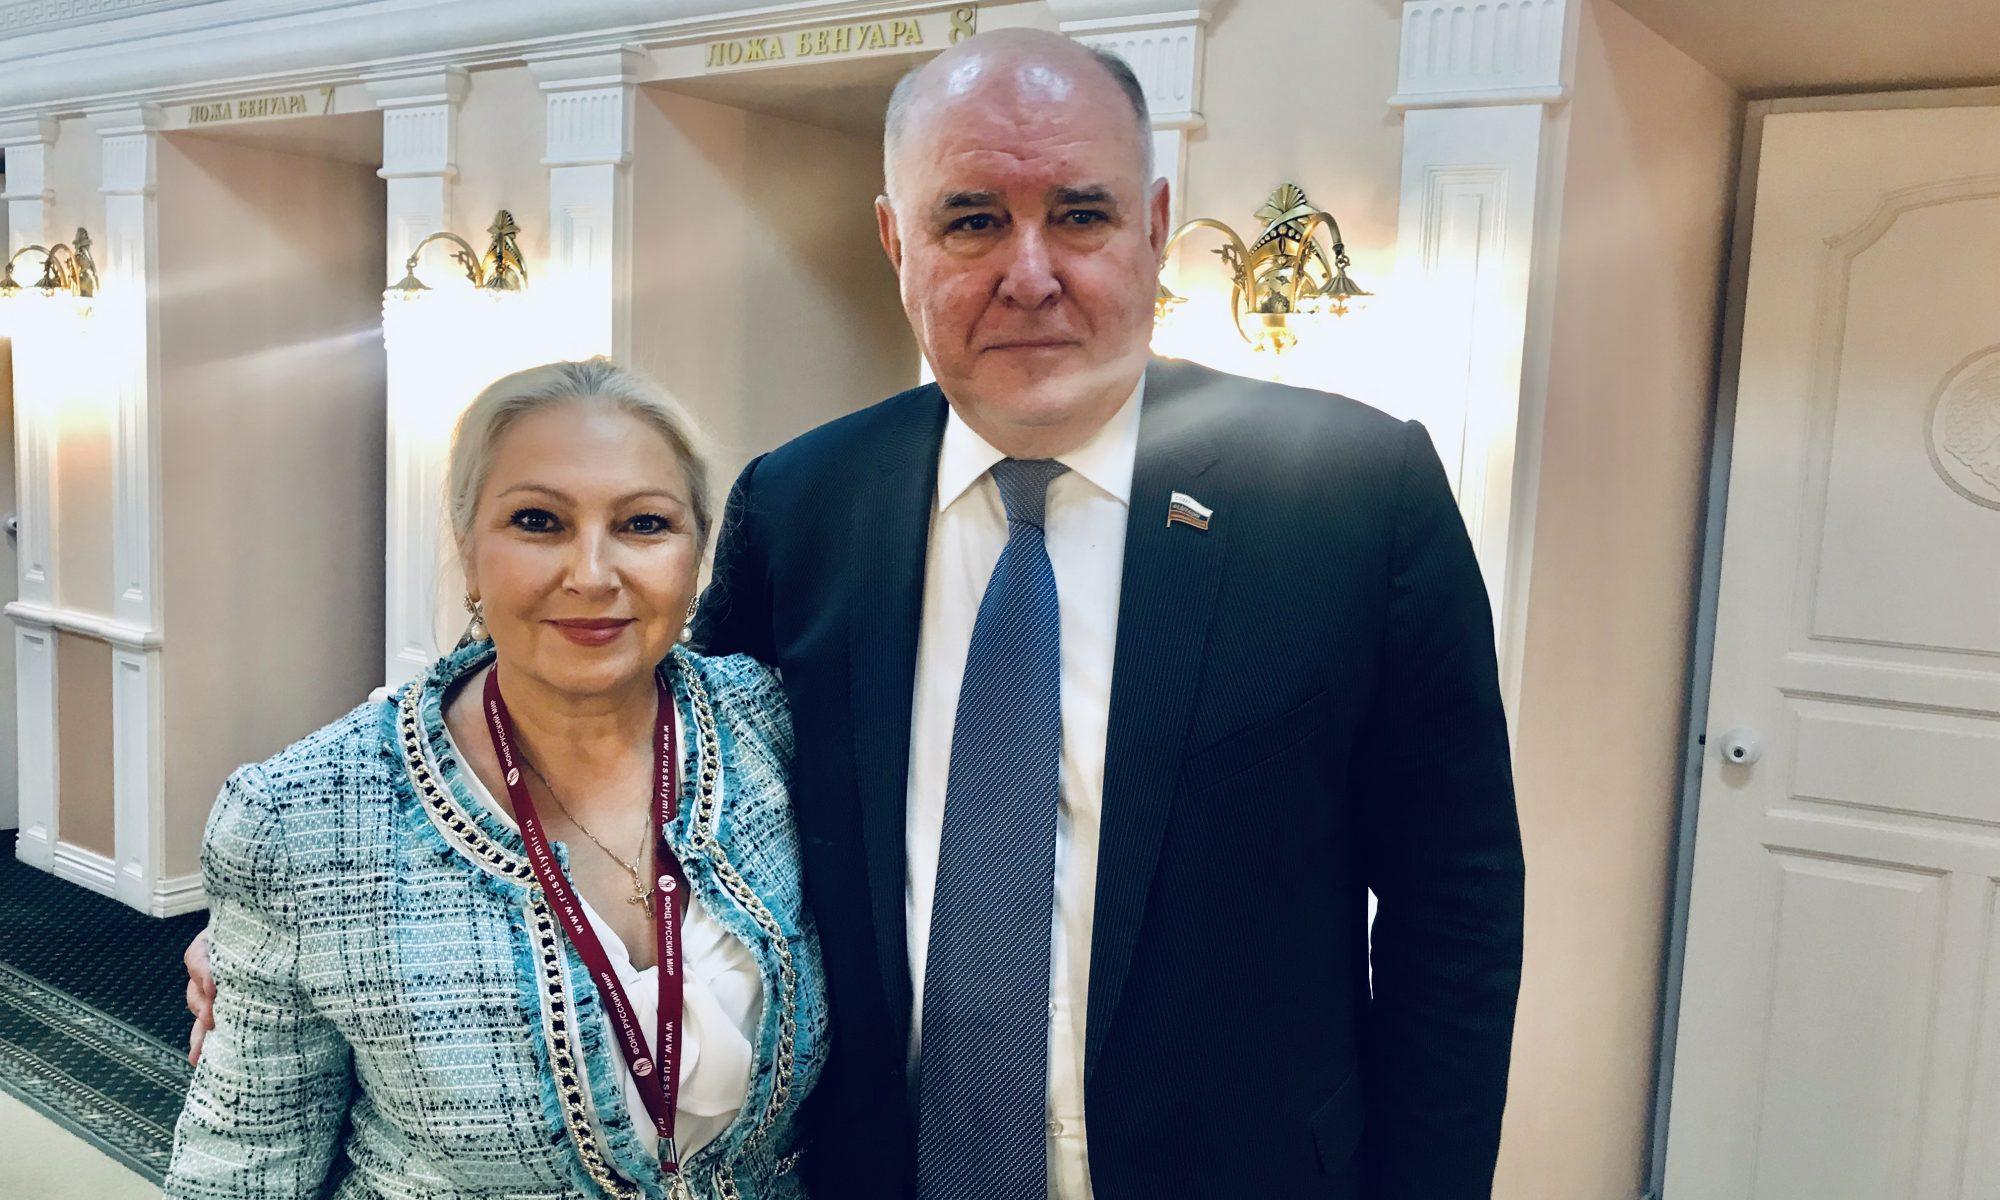 Встреча с Сенатором - Общественная дипломатия